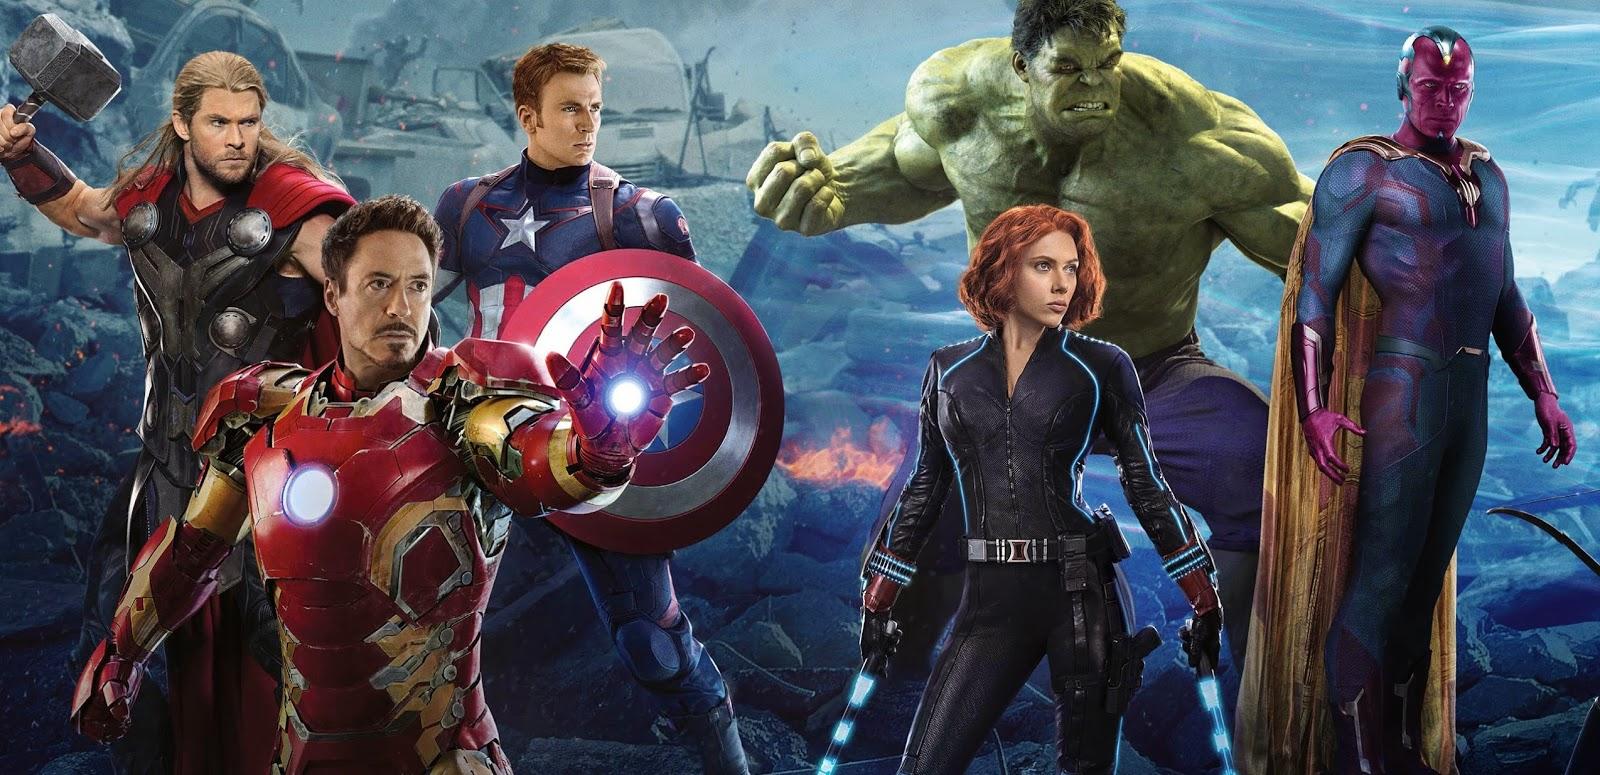 Vingadores: Era de Ultron | Clipes e fotos inéditas & featurette sobre trajes dos heróis